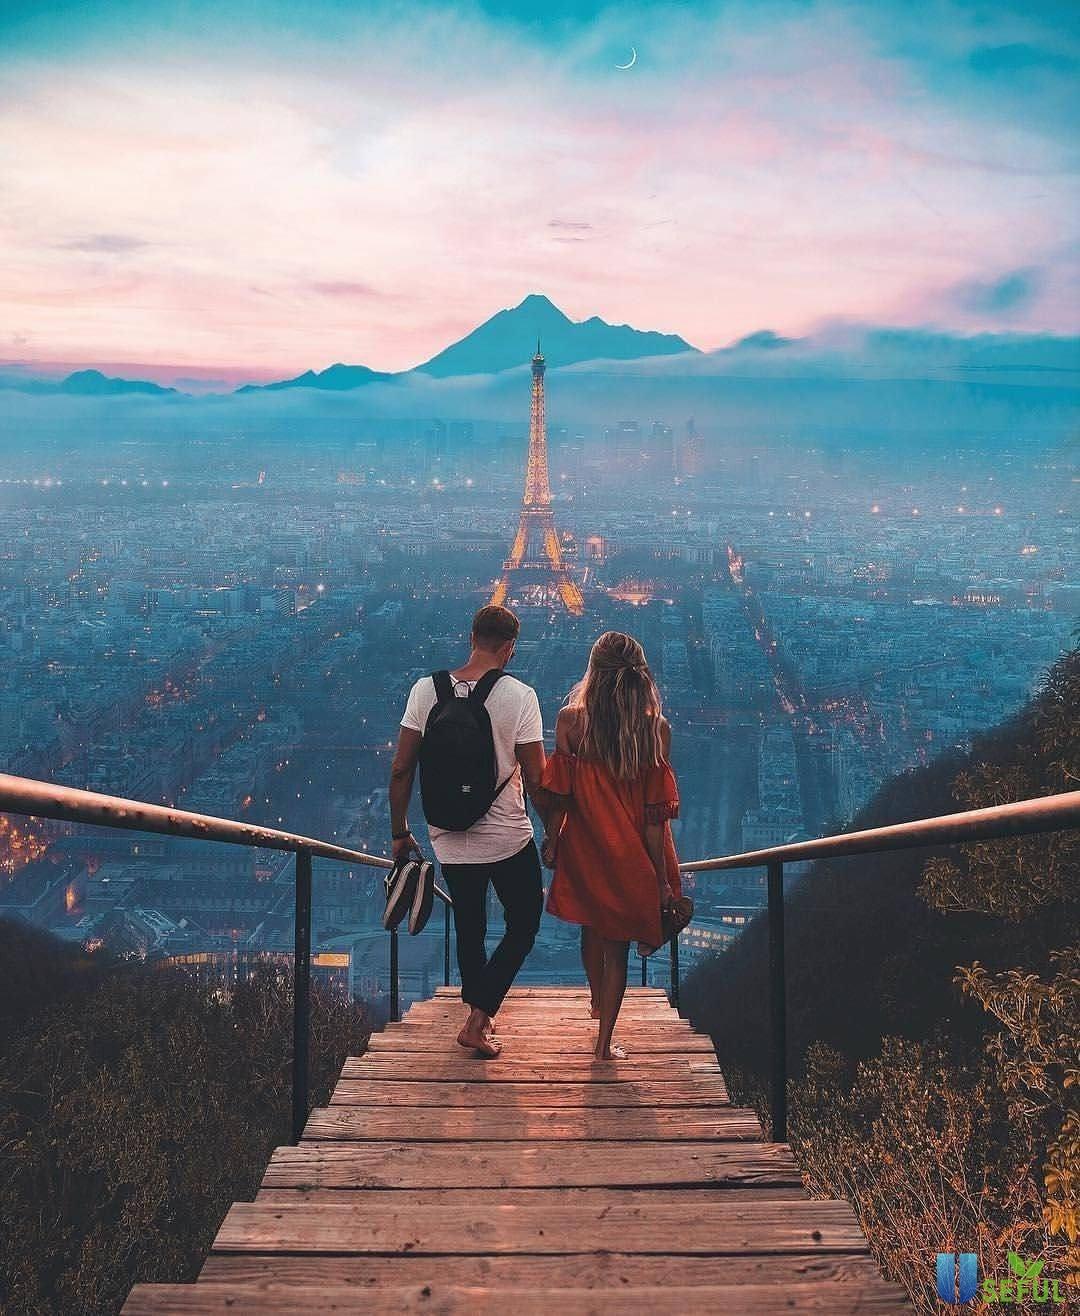 Chuyến du lịch sẽ là kỷ niệm đáng nhớ của cả hai